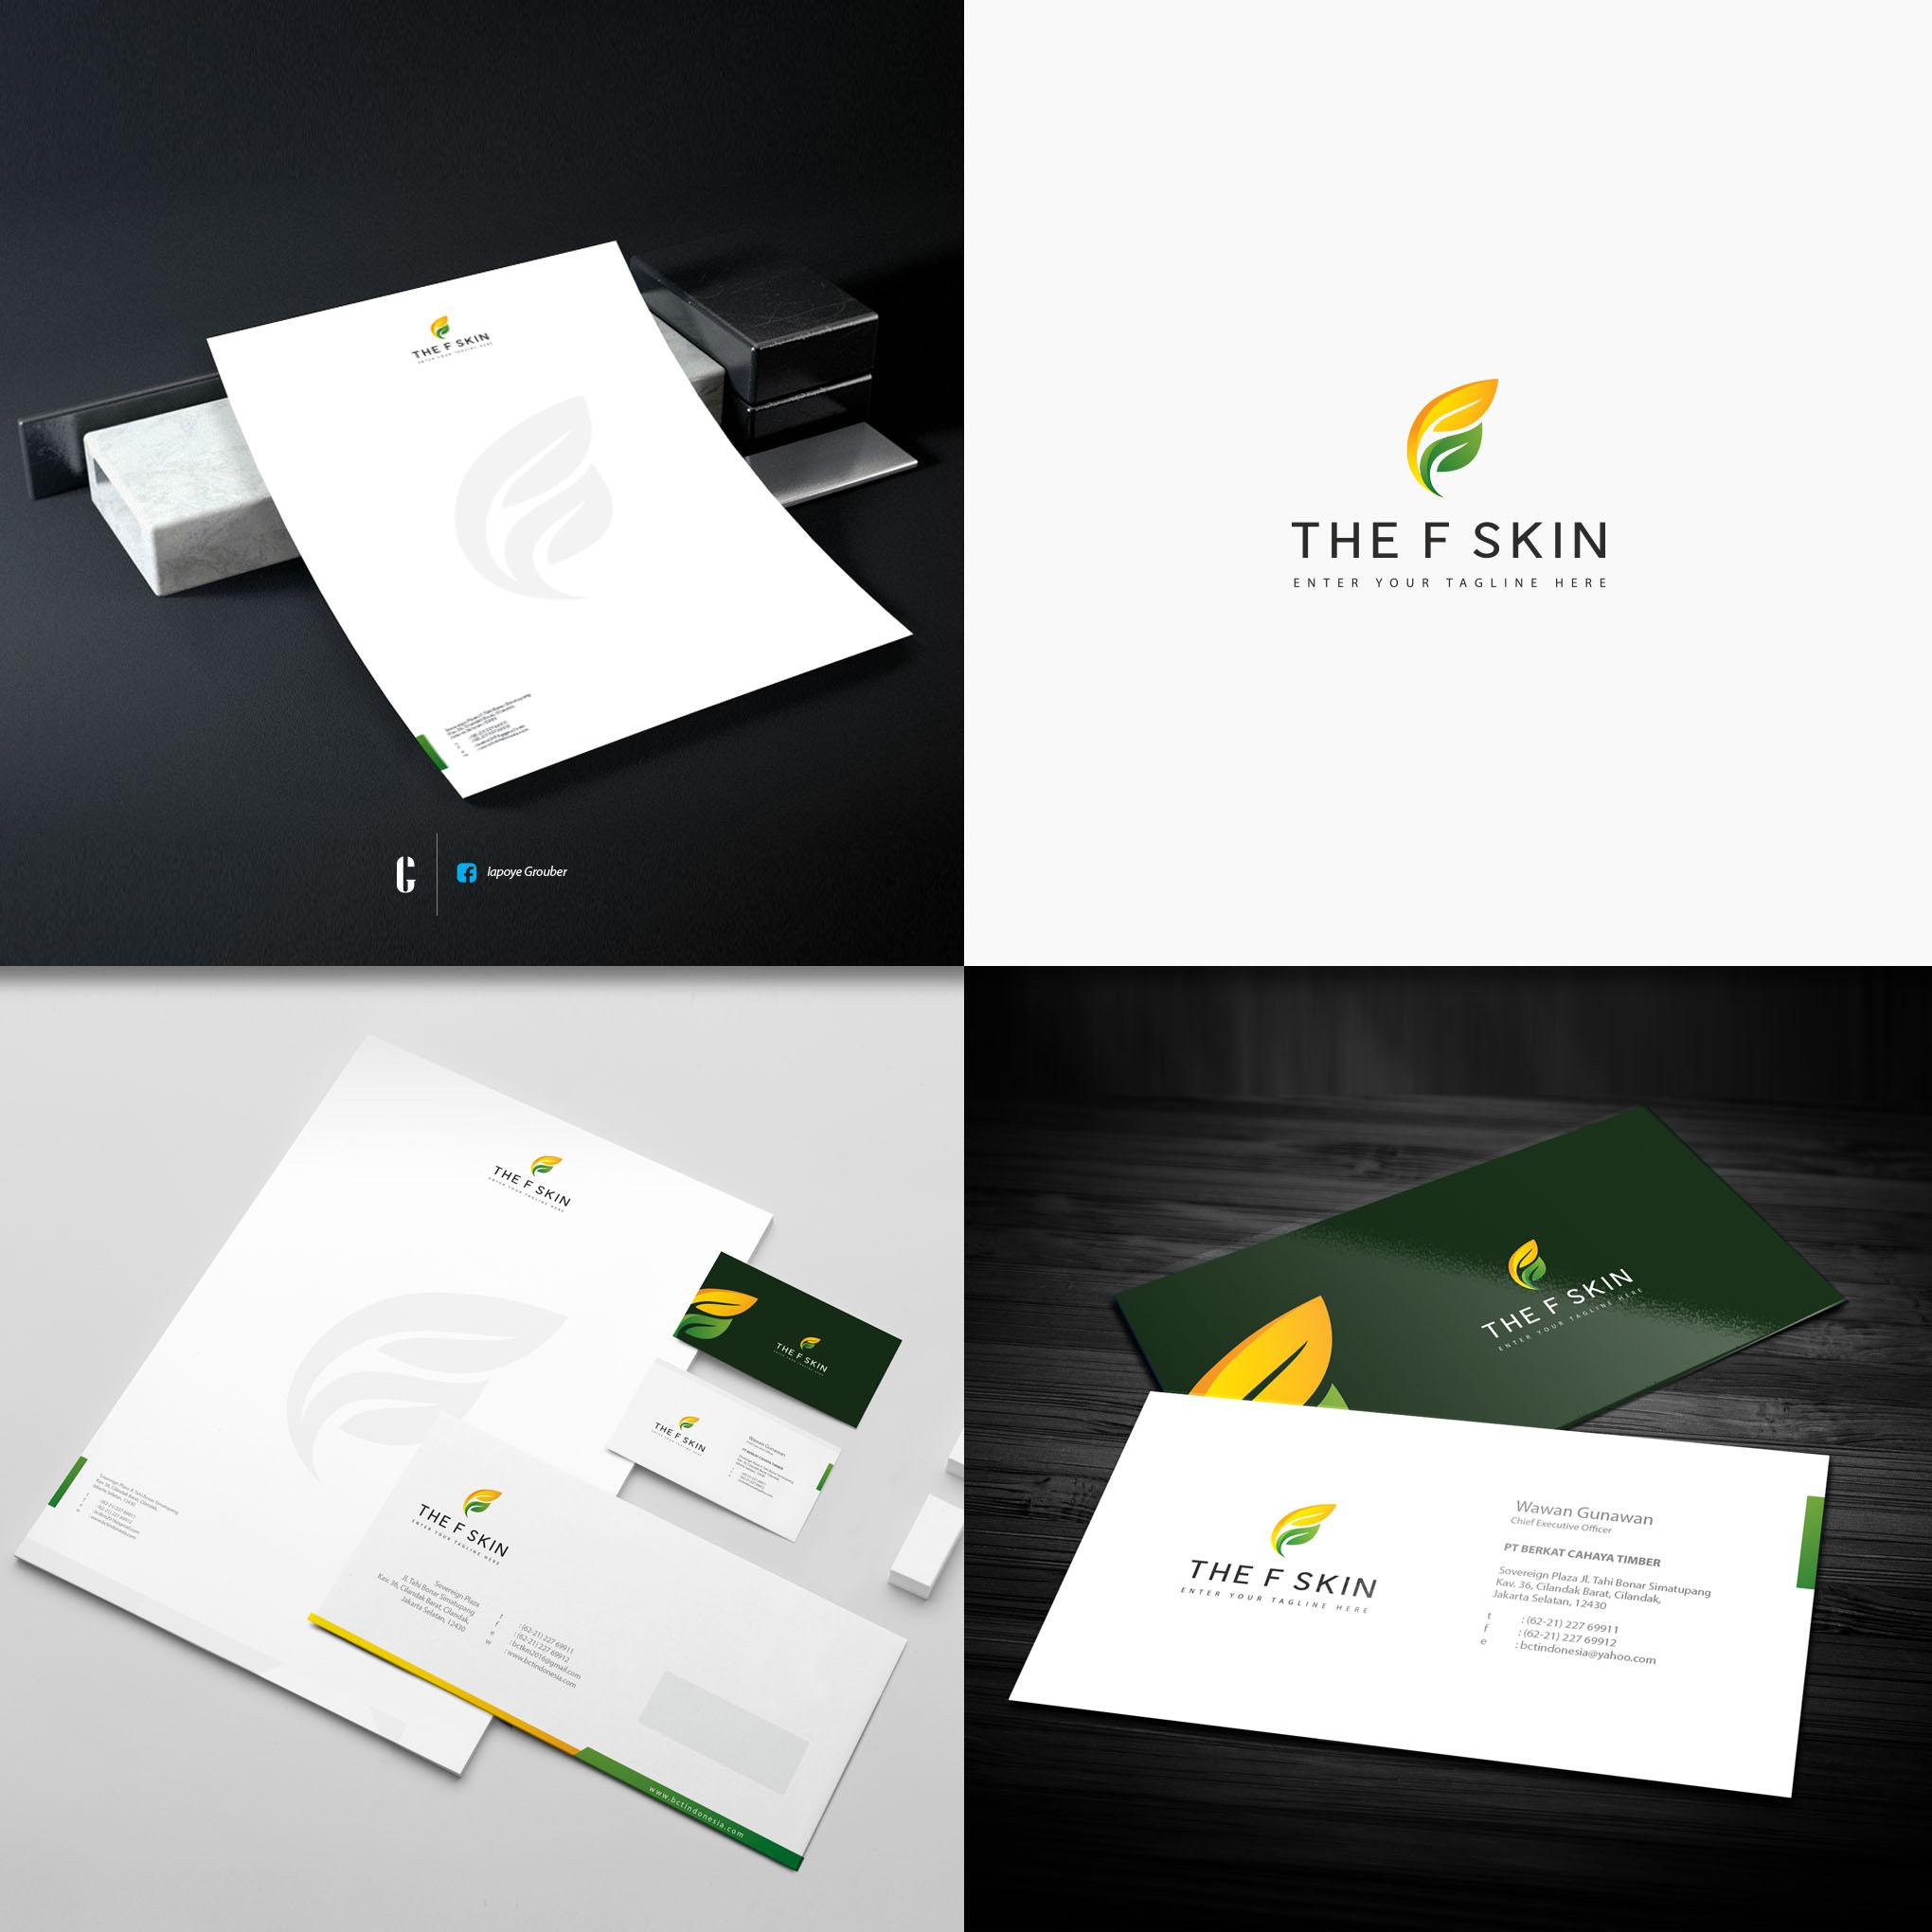 Desain Logo&Stationery Untuk Klinik Estetik